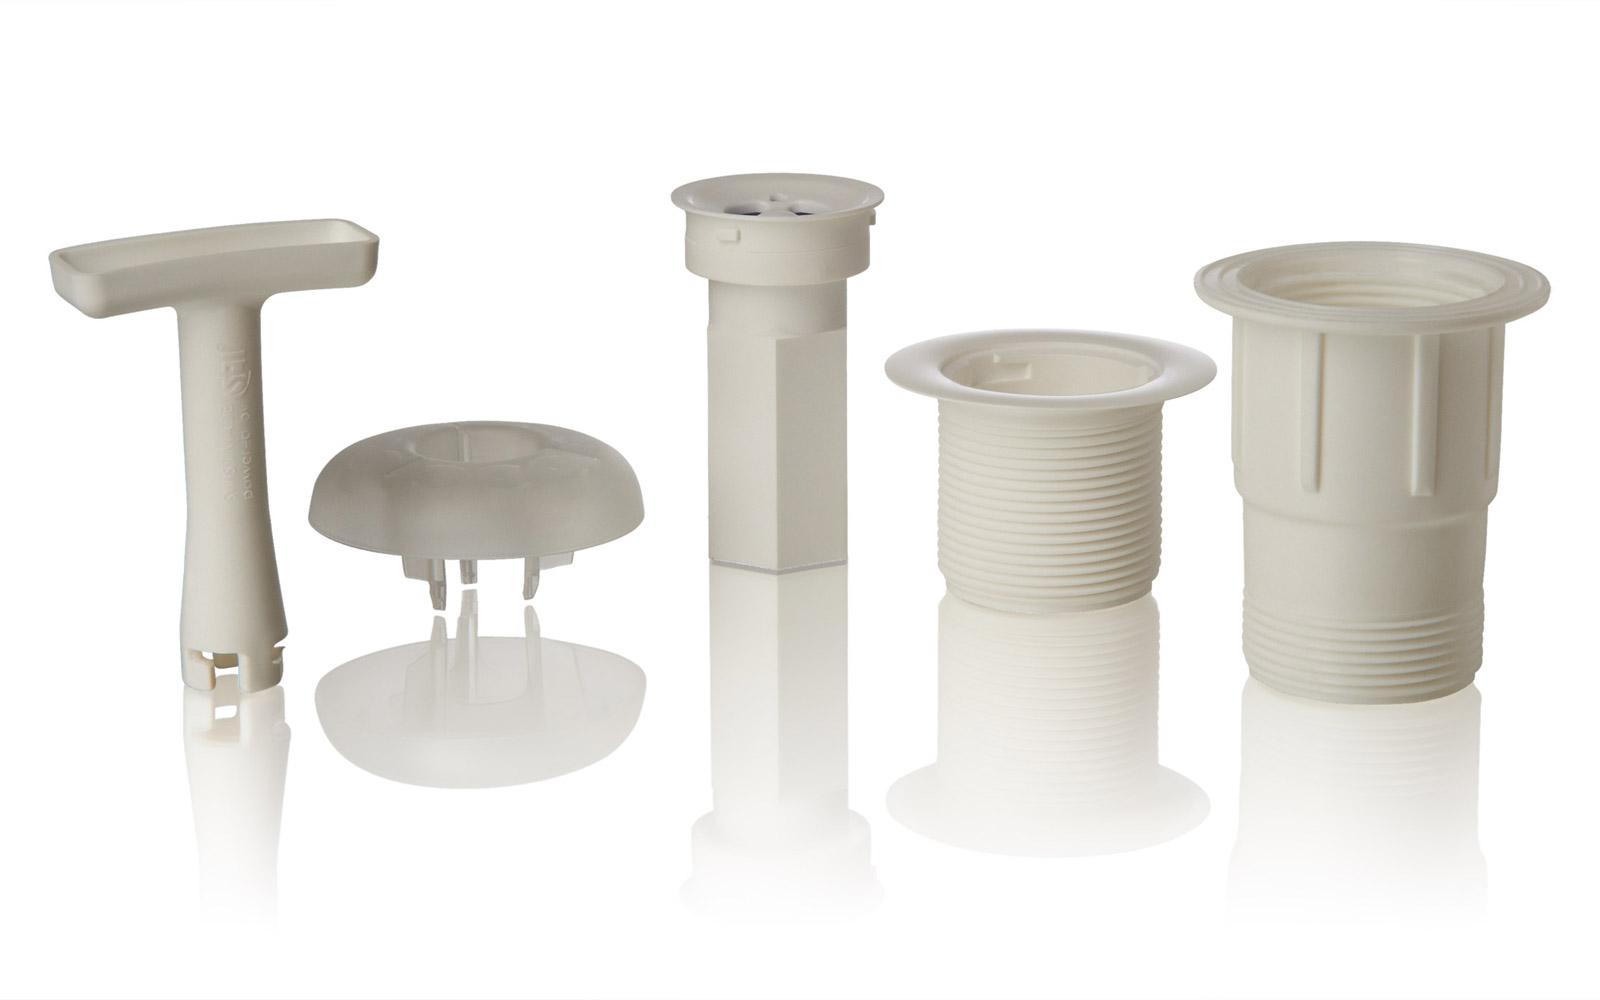 Wir sind in der Lage, spritzgusstechnische Formteile von 2 bis 1600 g Stückgewicht herzustellen.